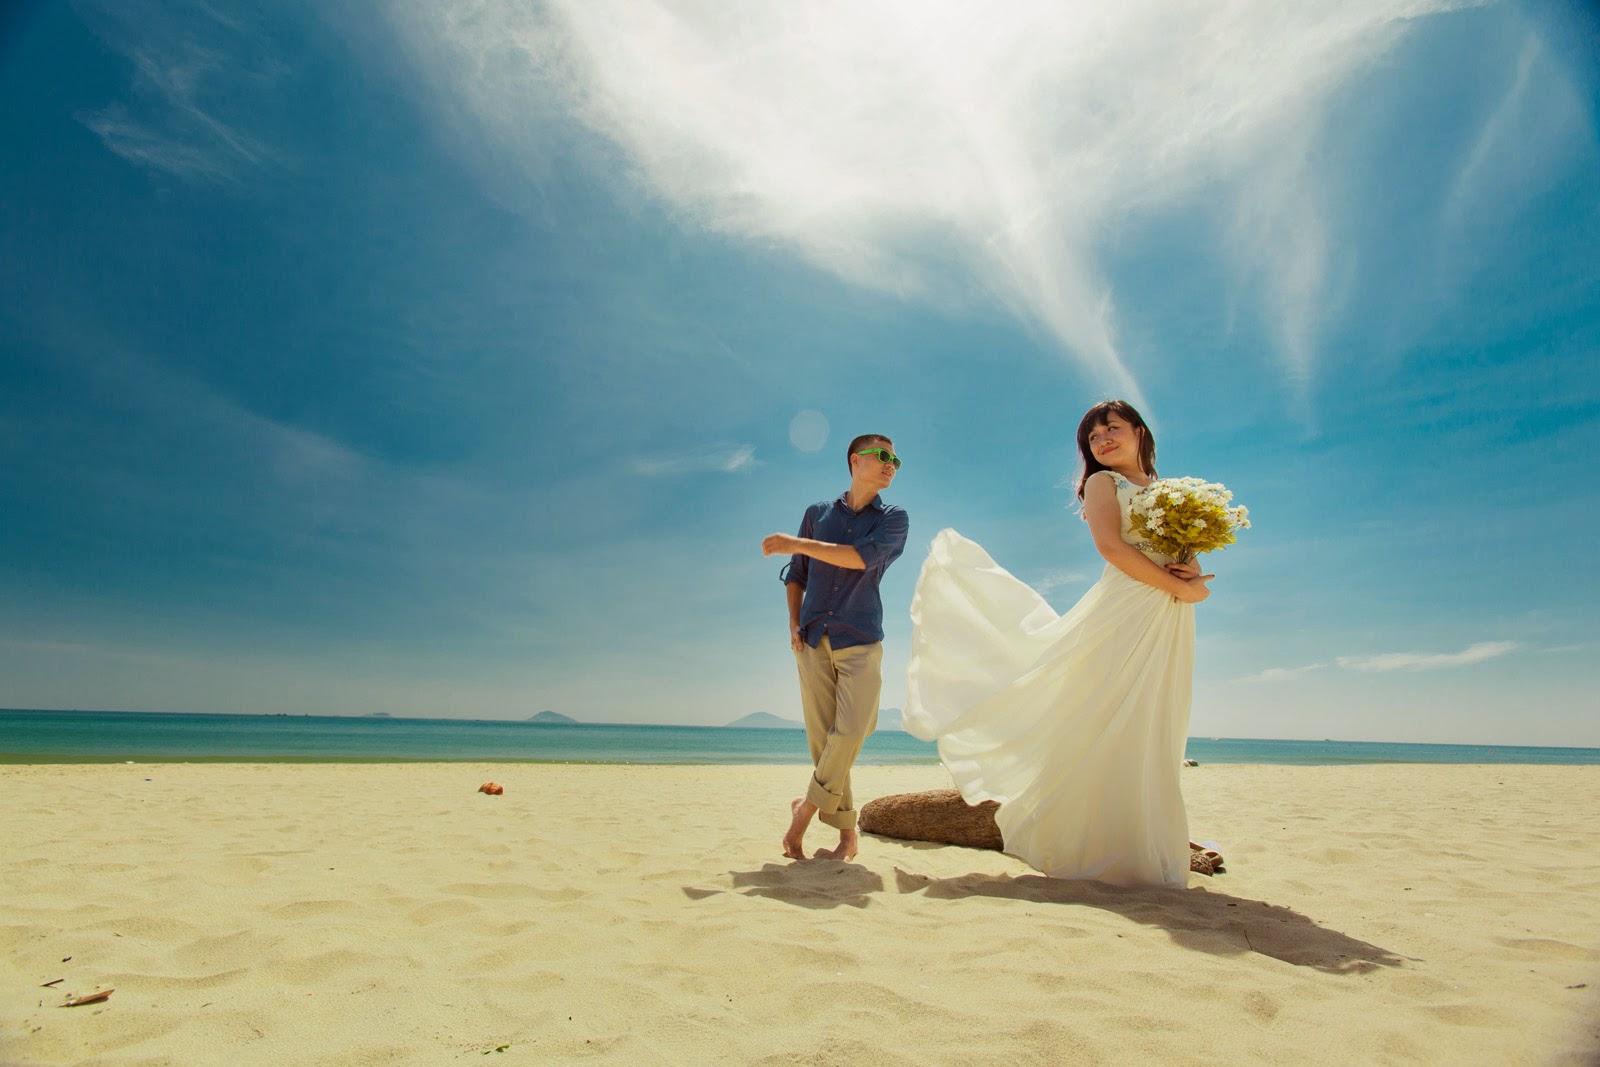 Chụp ảnh cưới ở biển Nha Trang - Du lịch Nha Trang 3 ngày 2 đêm